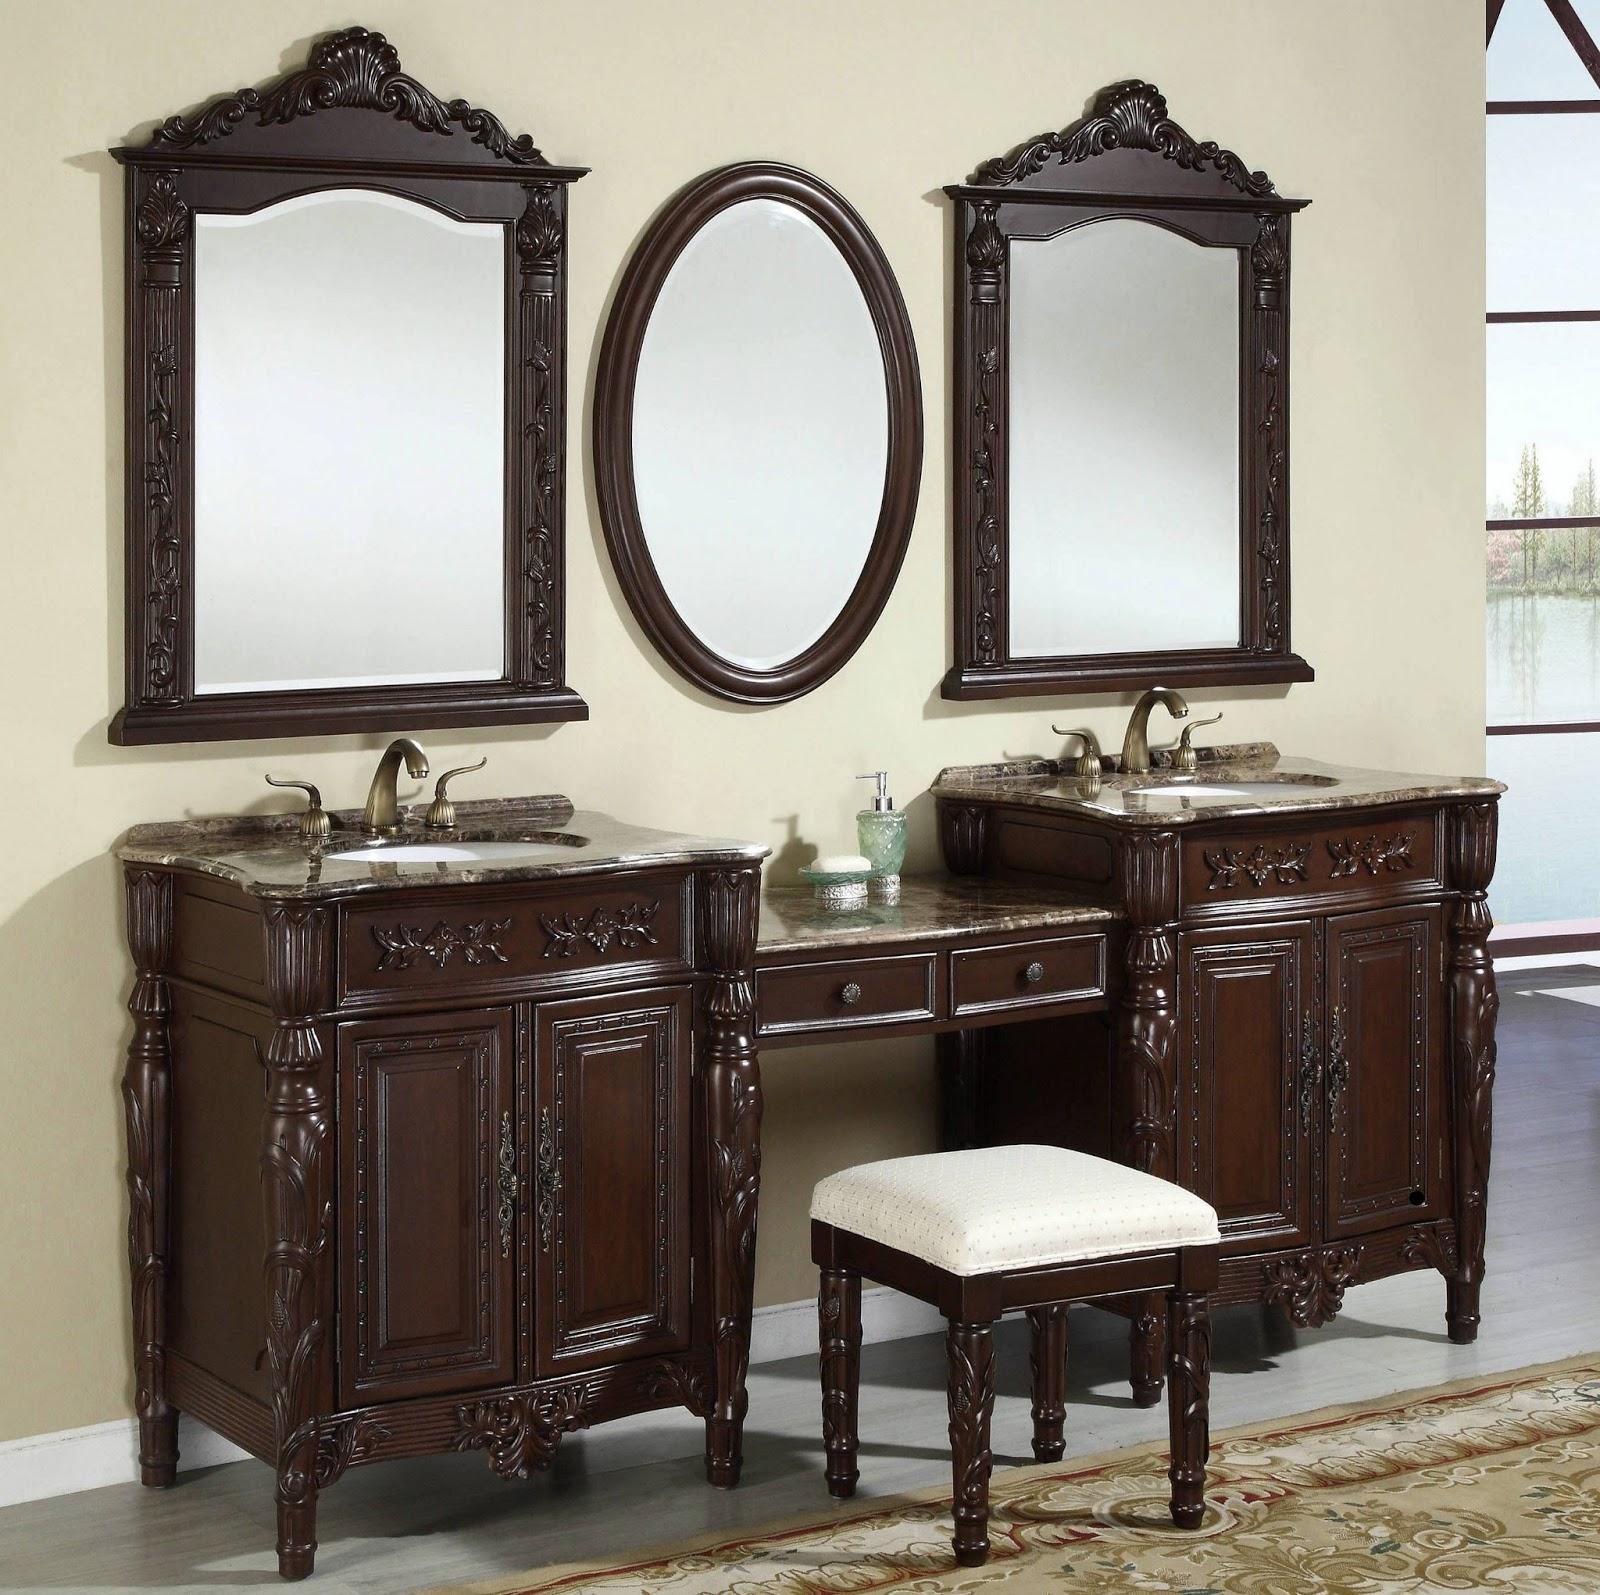 Bathroom storage under sink - Bathroom Vanity Mirrors